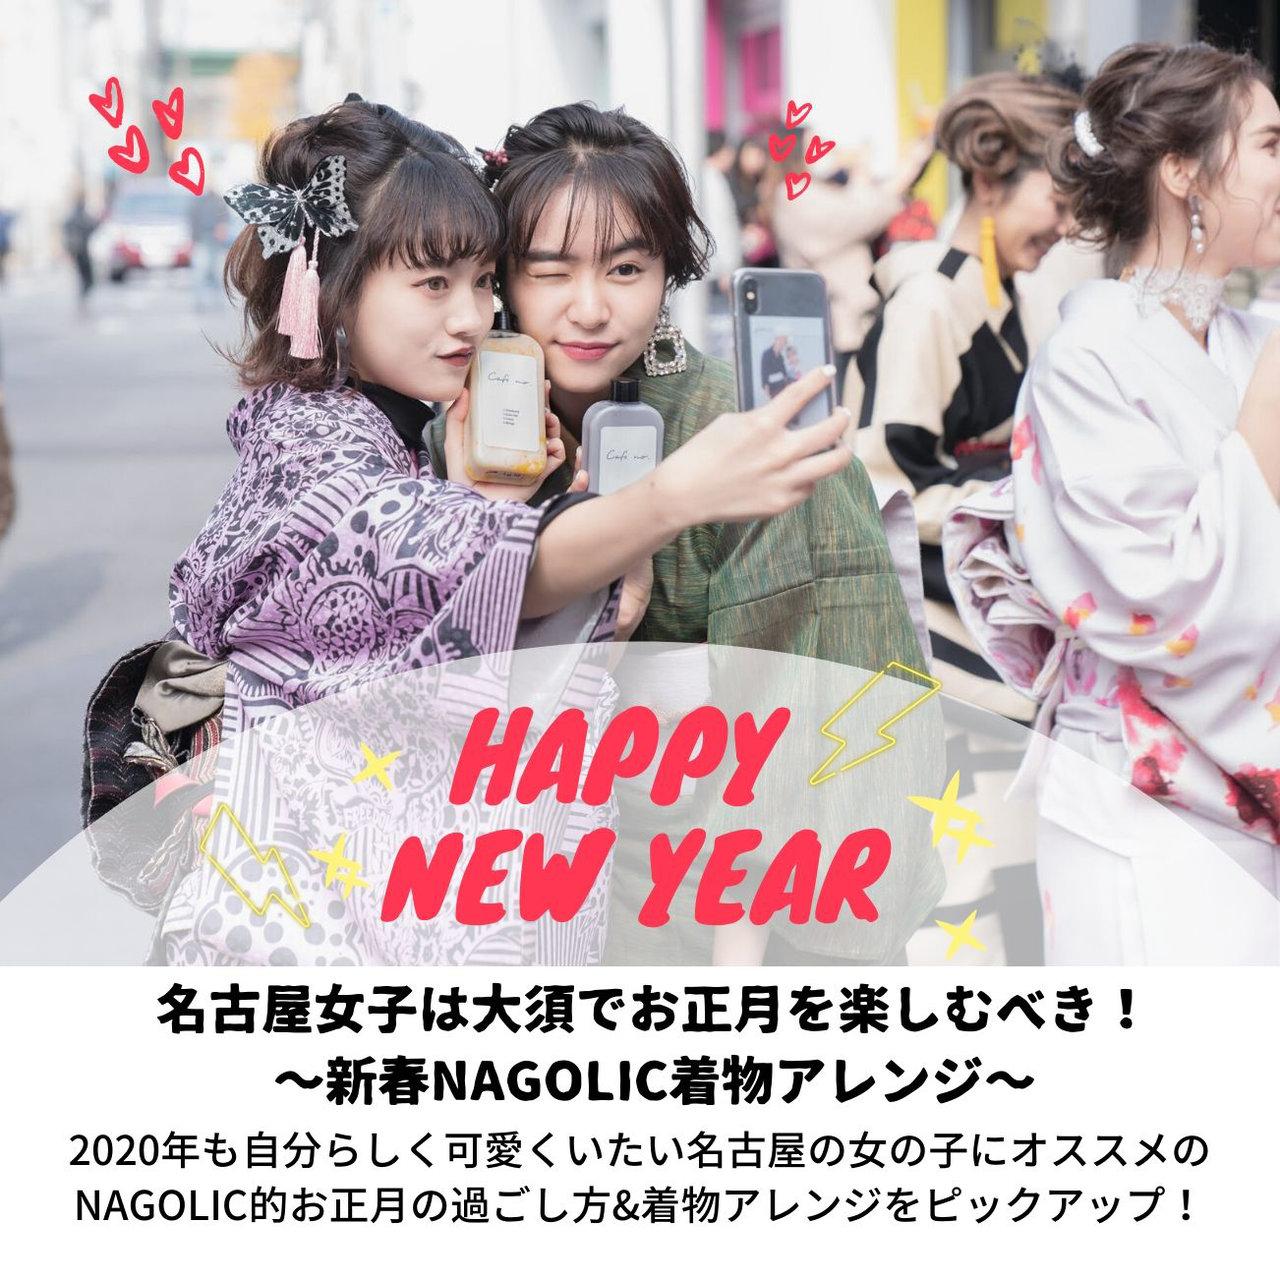 [新春企画]名古屋女子は大須でお正月を楽しむべき!〜NAGOLIC着物アレンジ〜